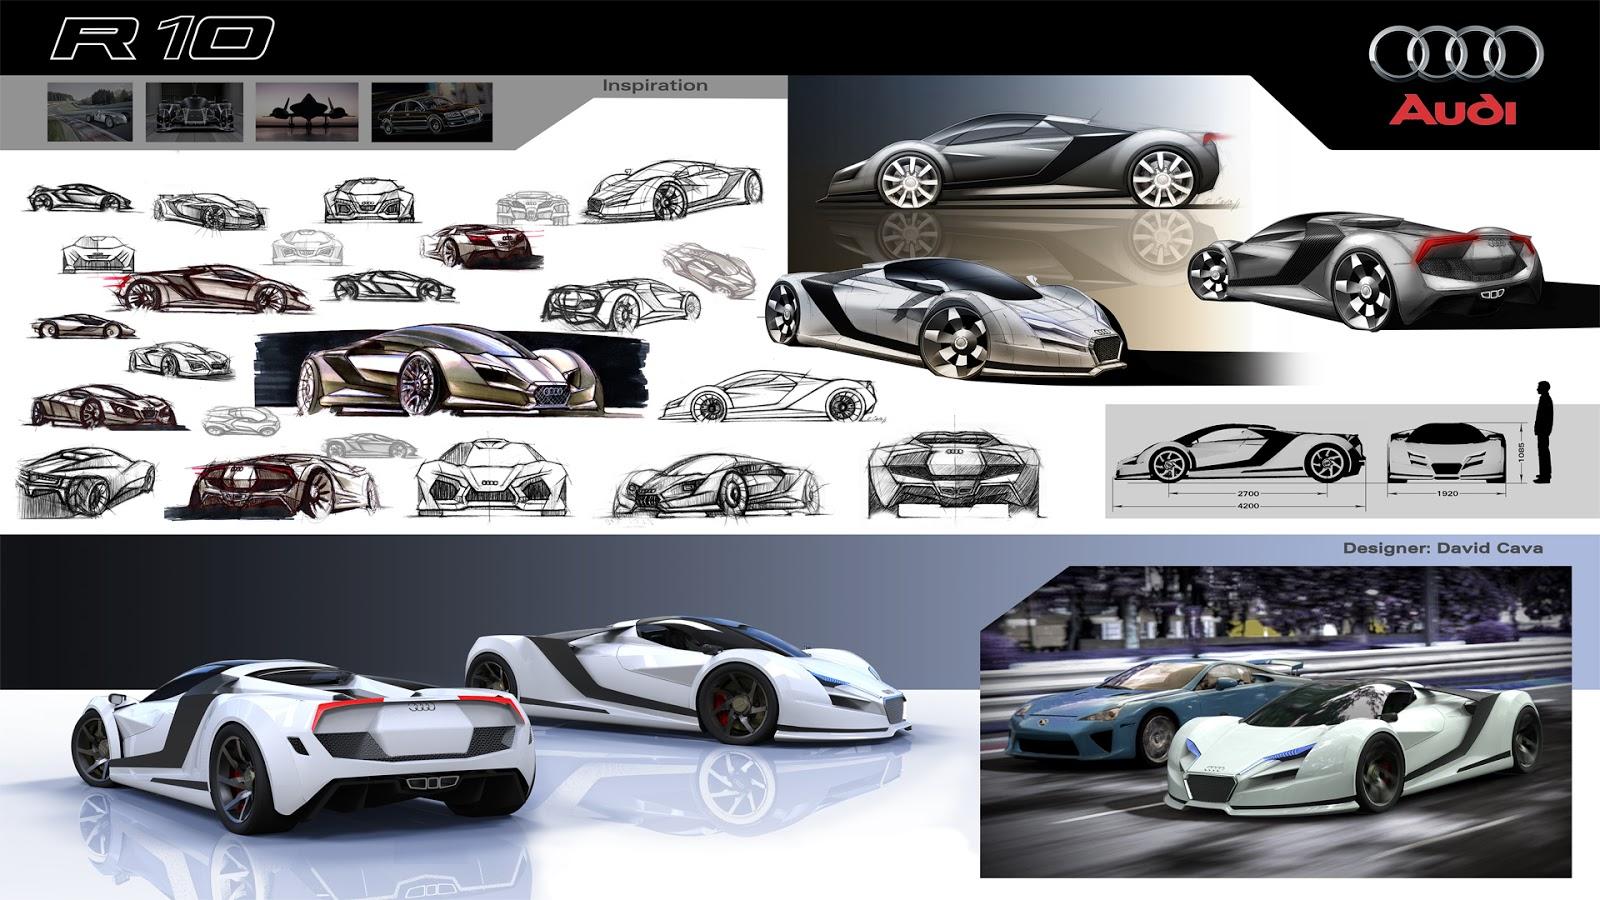 David Cava Design Audi R10